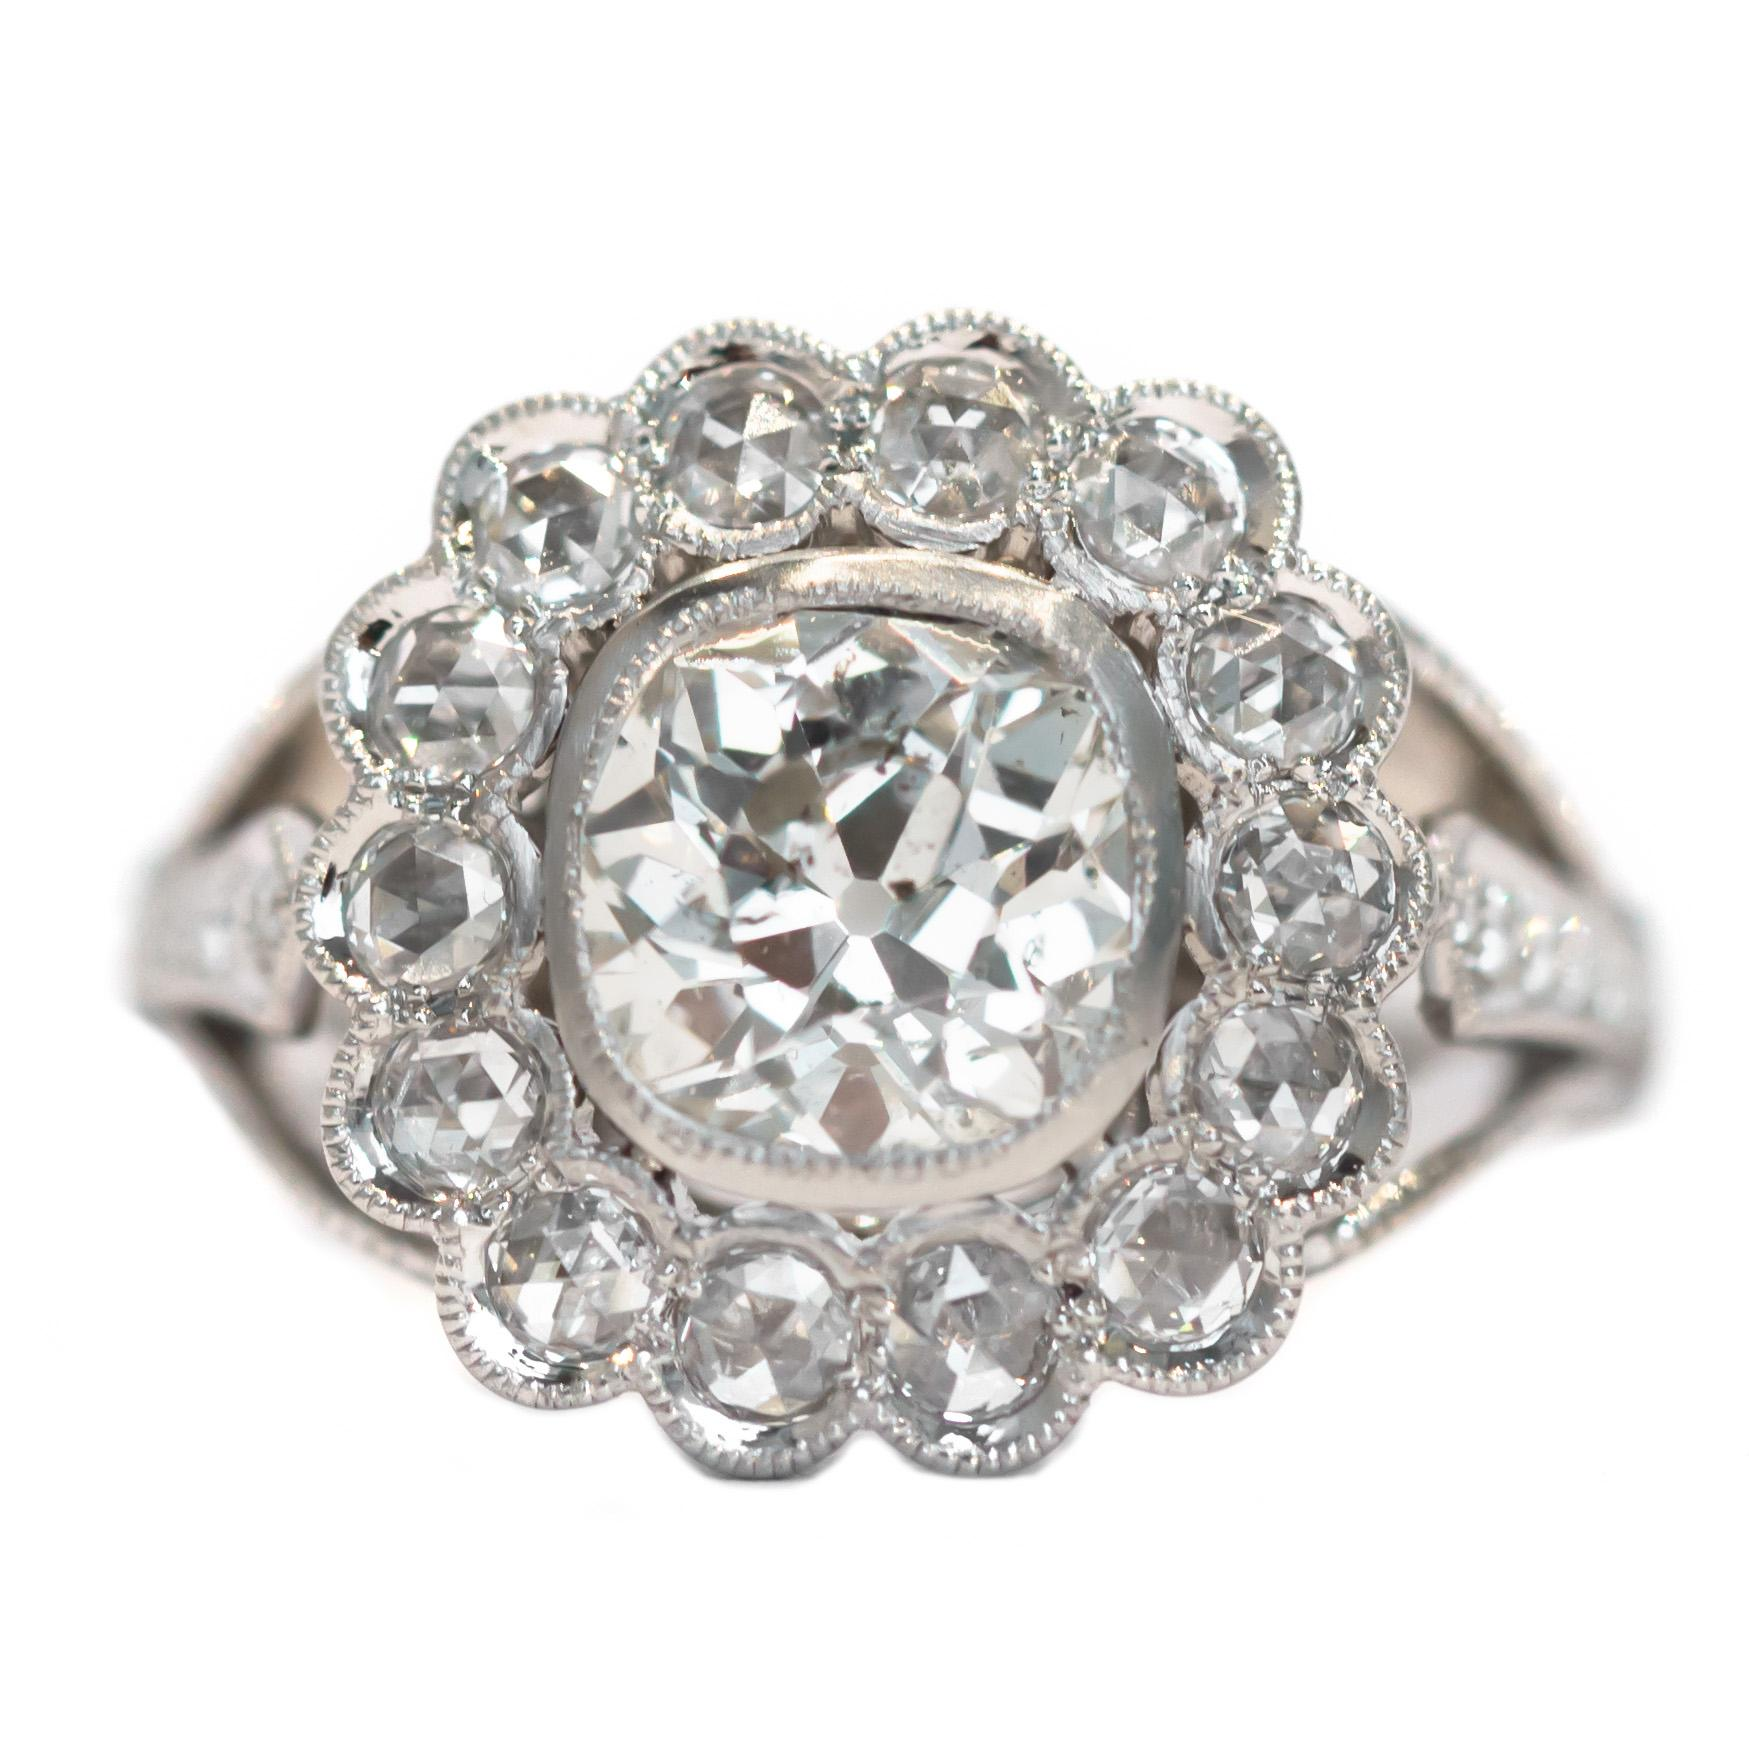 GIA Certified 1.20 Carat Diamond Platinum Engagement Ring